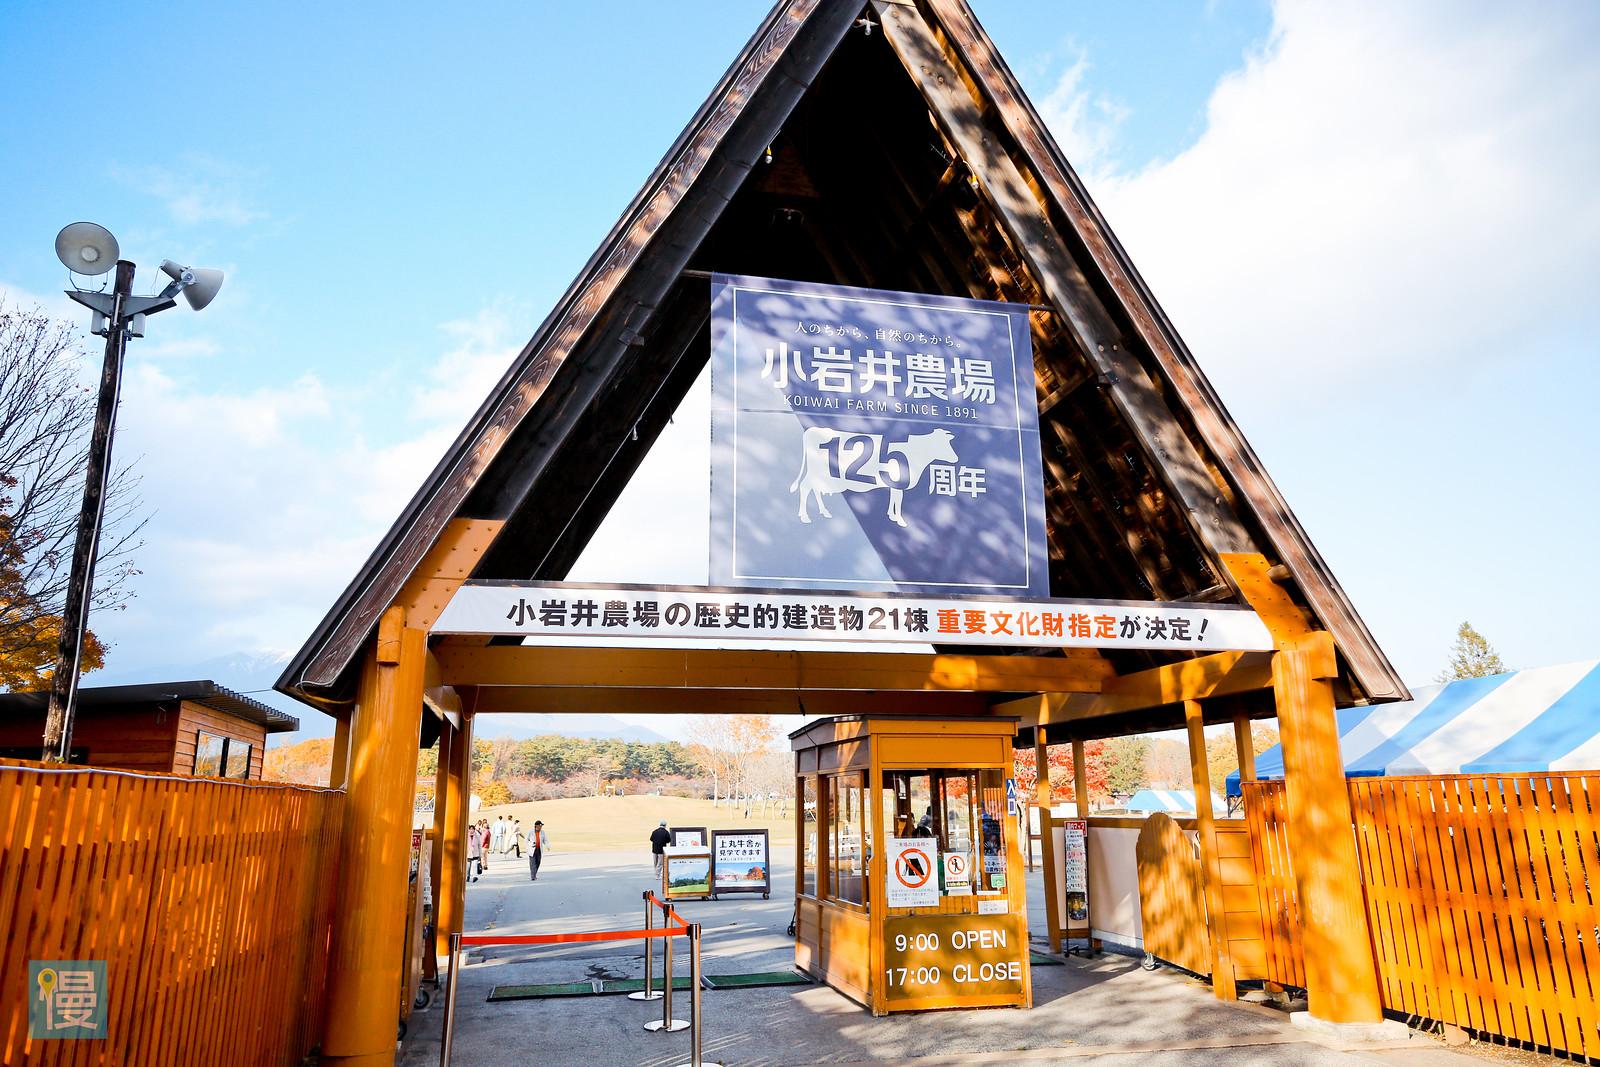 小岩井農場 2016 - 242